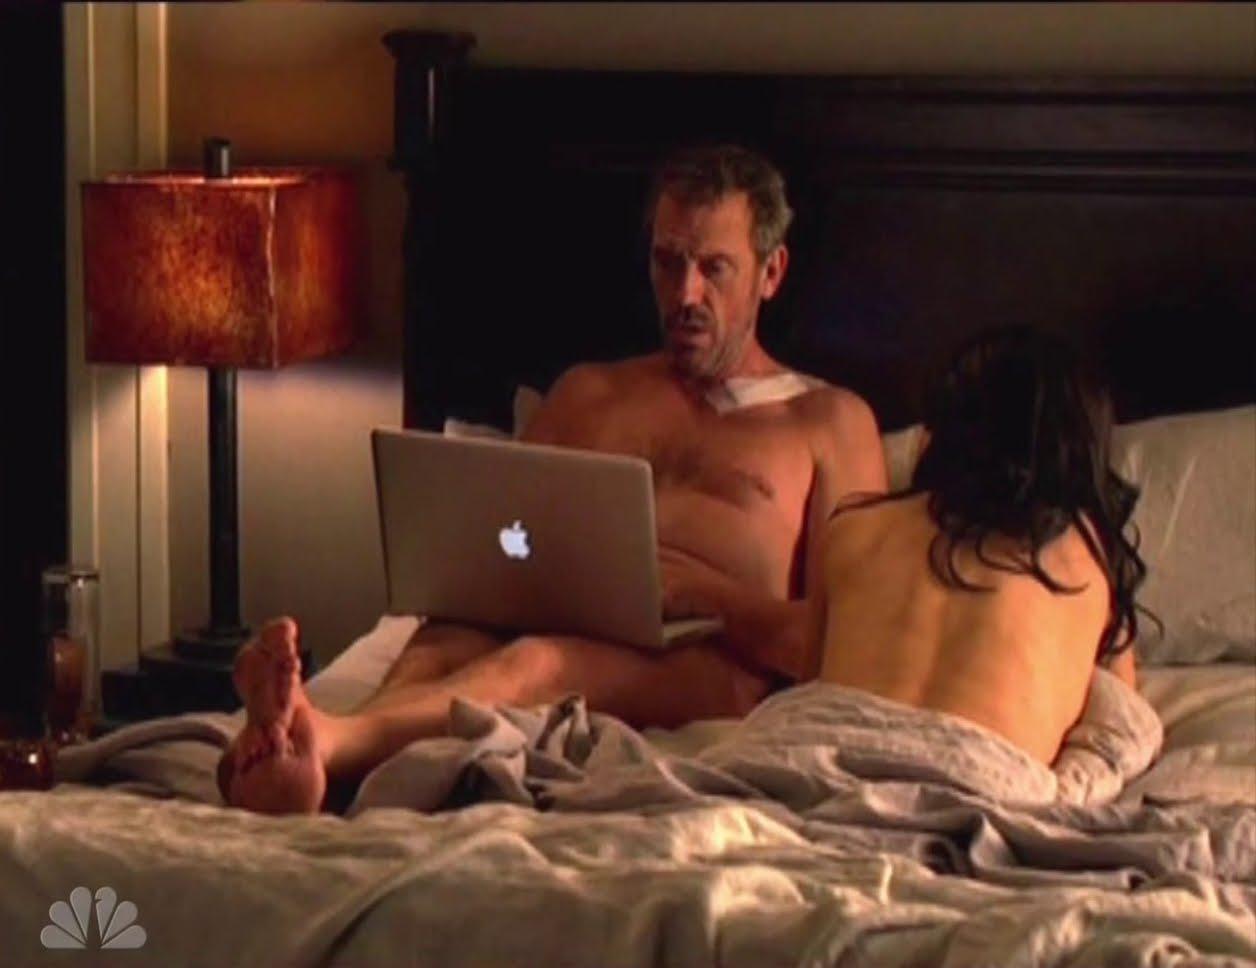 http://3.bp.blogspot.com/_57HVRGLTTXM/TIsgjEHhAVI/AAAAAAAAAE8/qCmqXivbvkQ/s1600/Hugh+wearing+a+laptop-.jpg